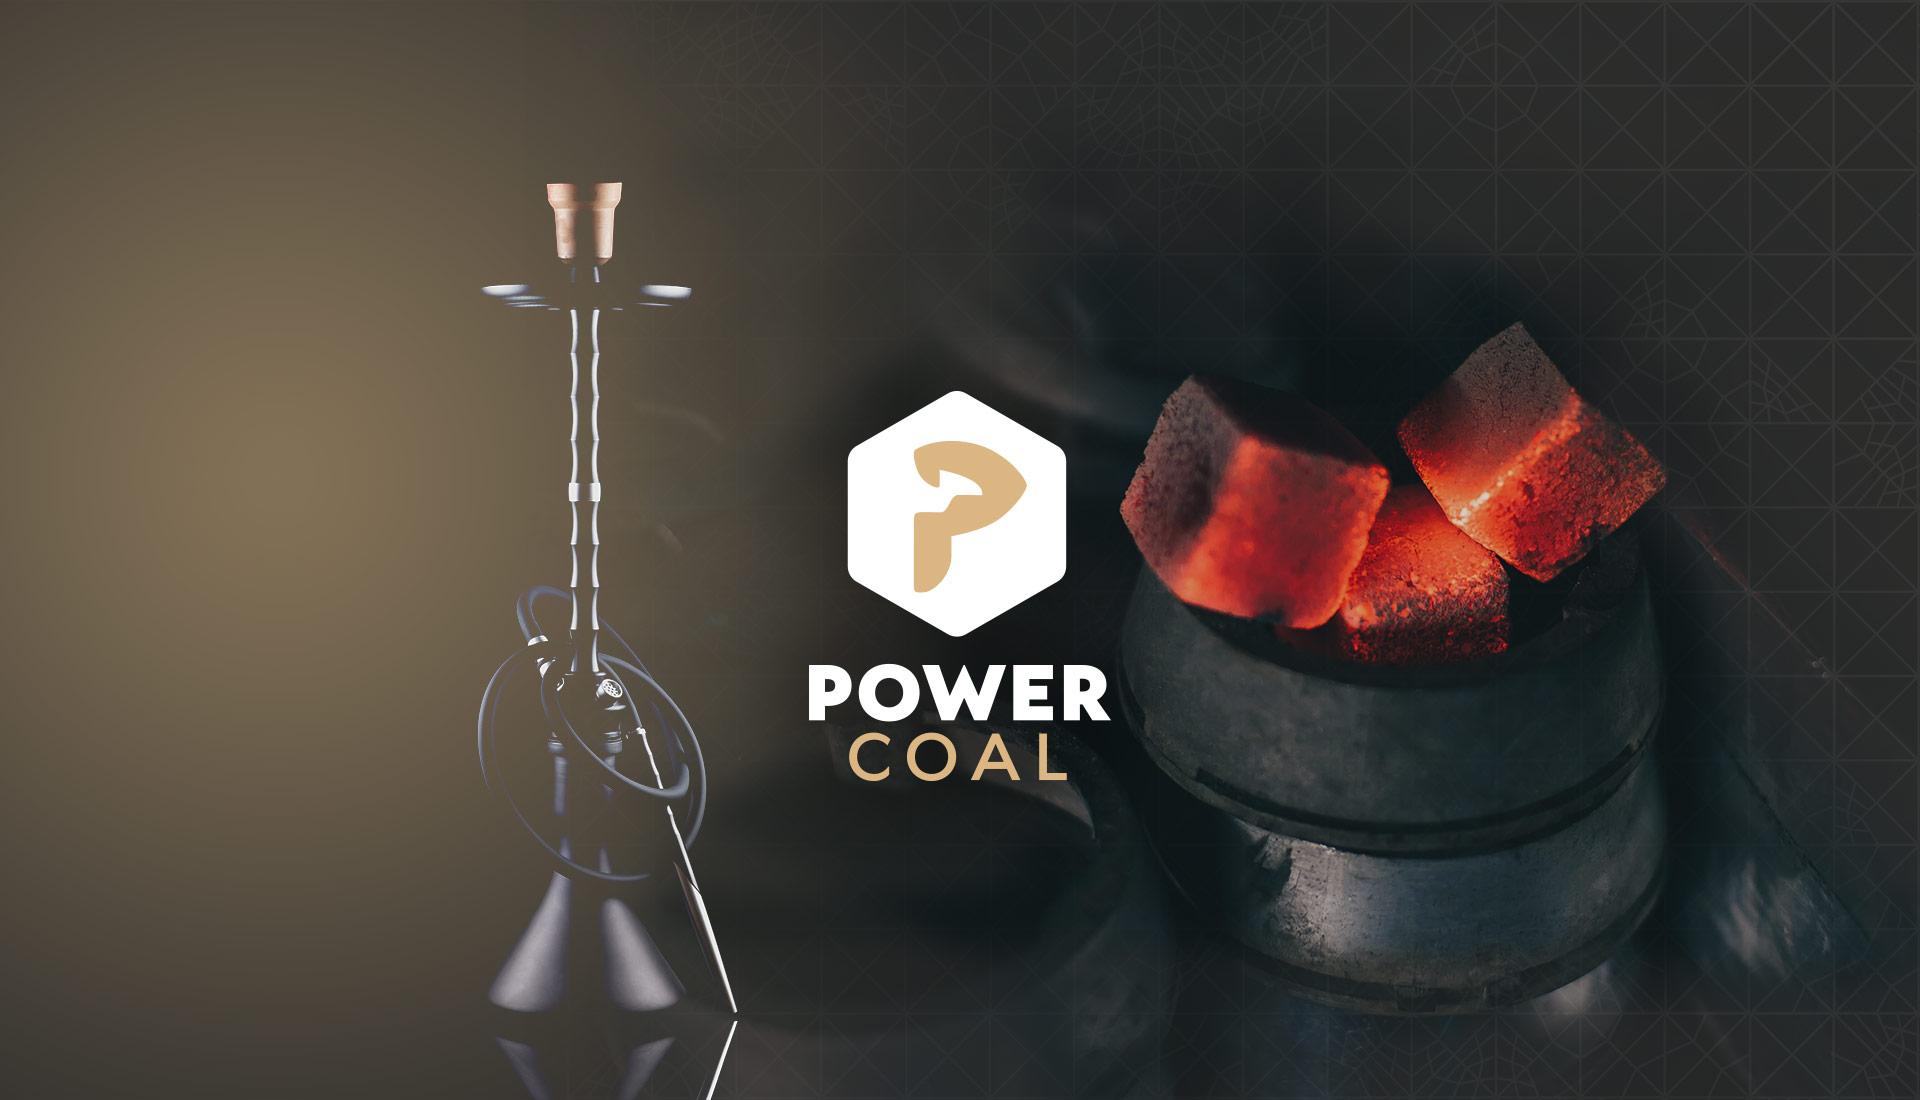 Kohle für Wasserpfeifen online.